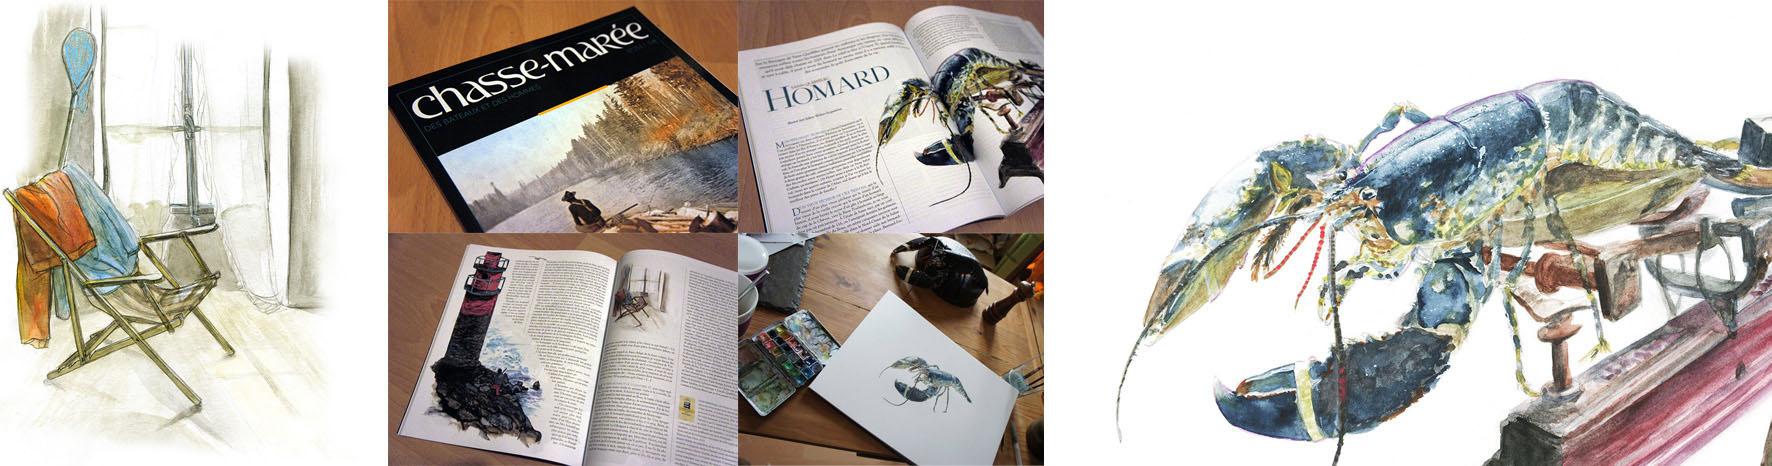 aquarelles pour le magazine Le Chasse-Maree - 2013